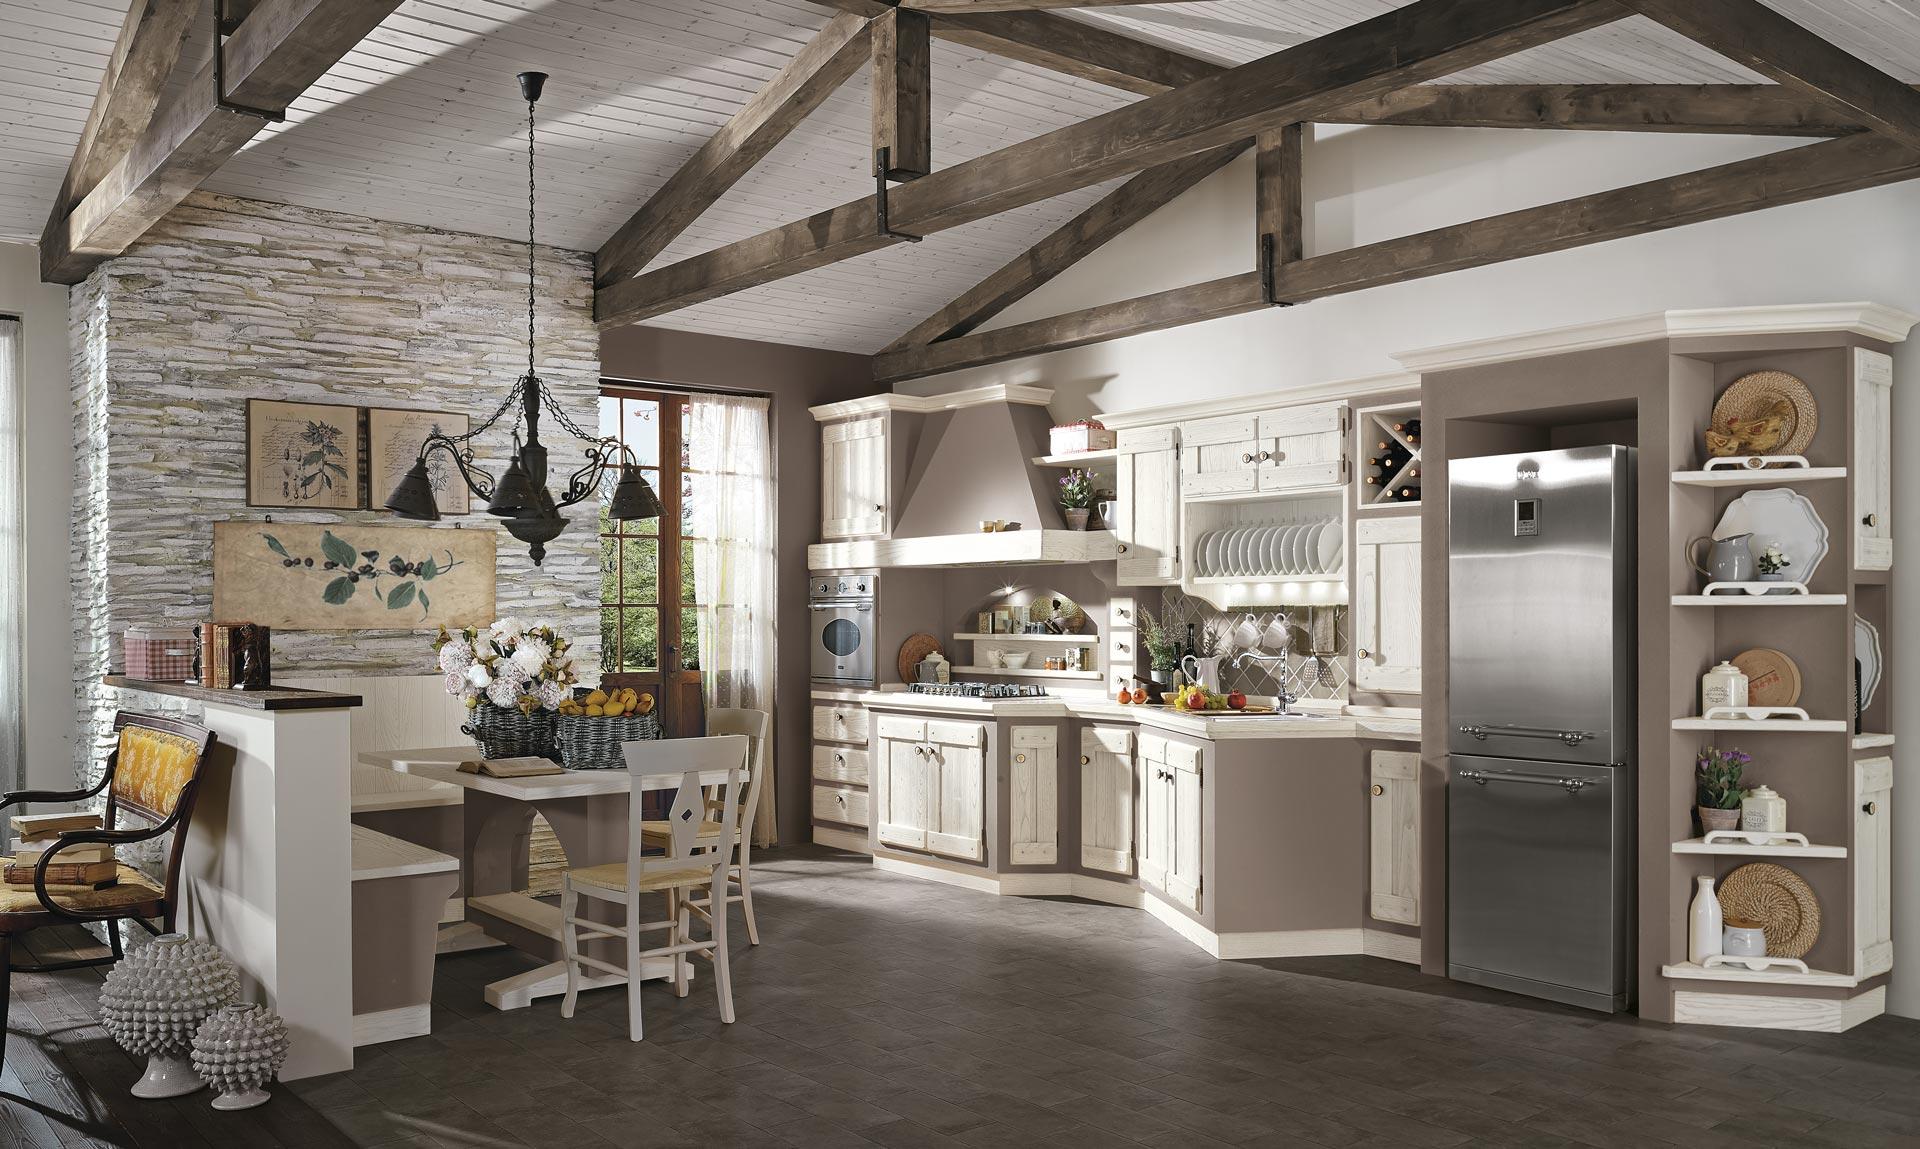 Bianco Anticato - Lube e Creo Store Corsico - Vendita Cucine Lube e Creo